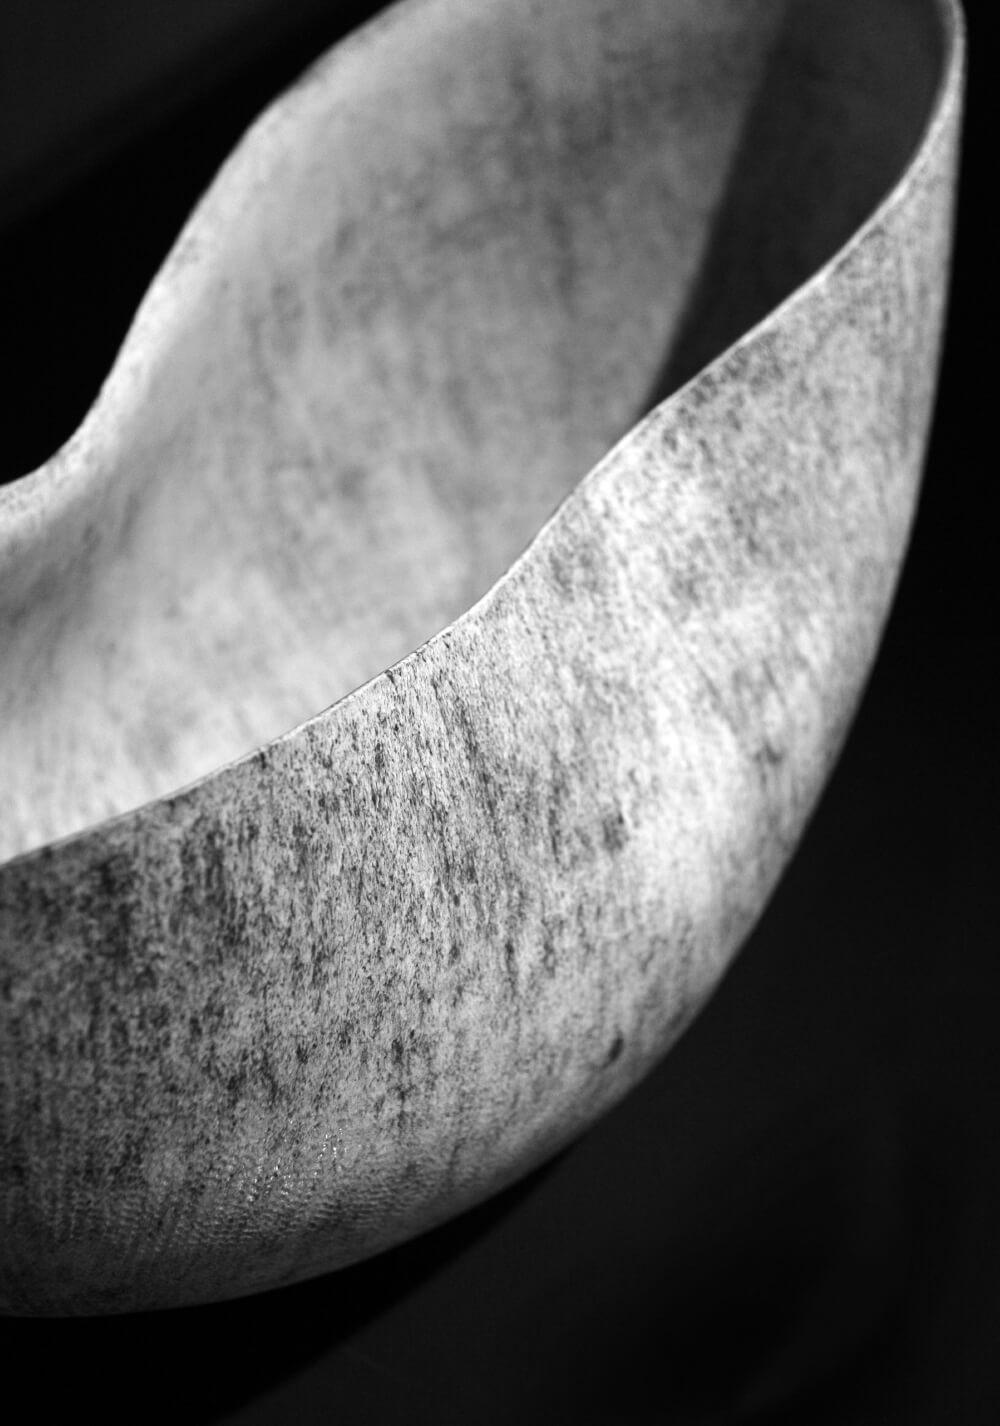 2016年4月16日から開催の「美崎 光邦 陶展」の美崎 光邦の作品2